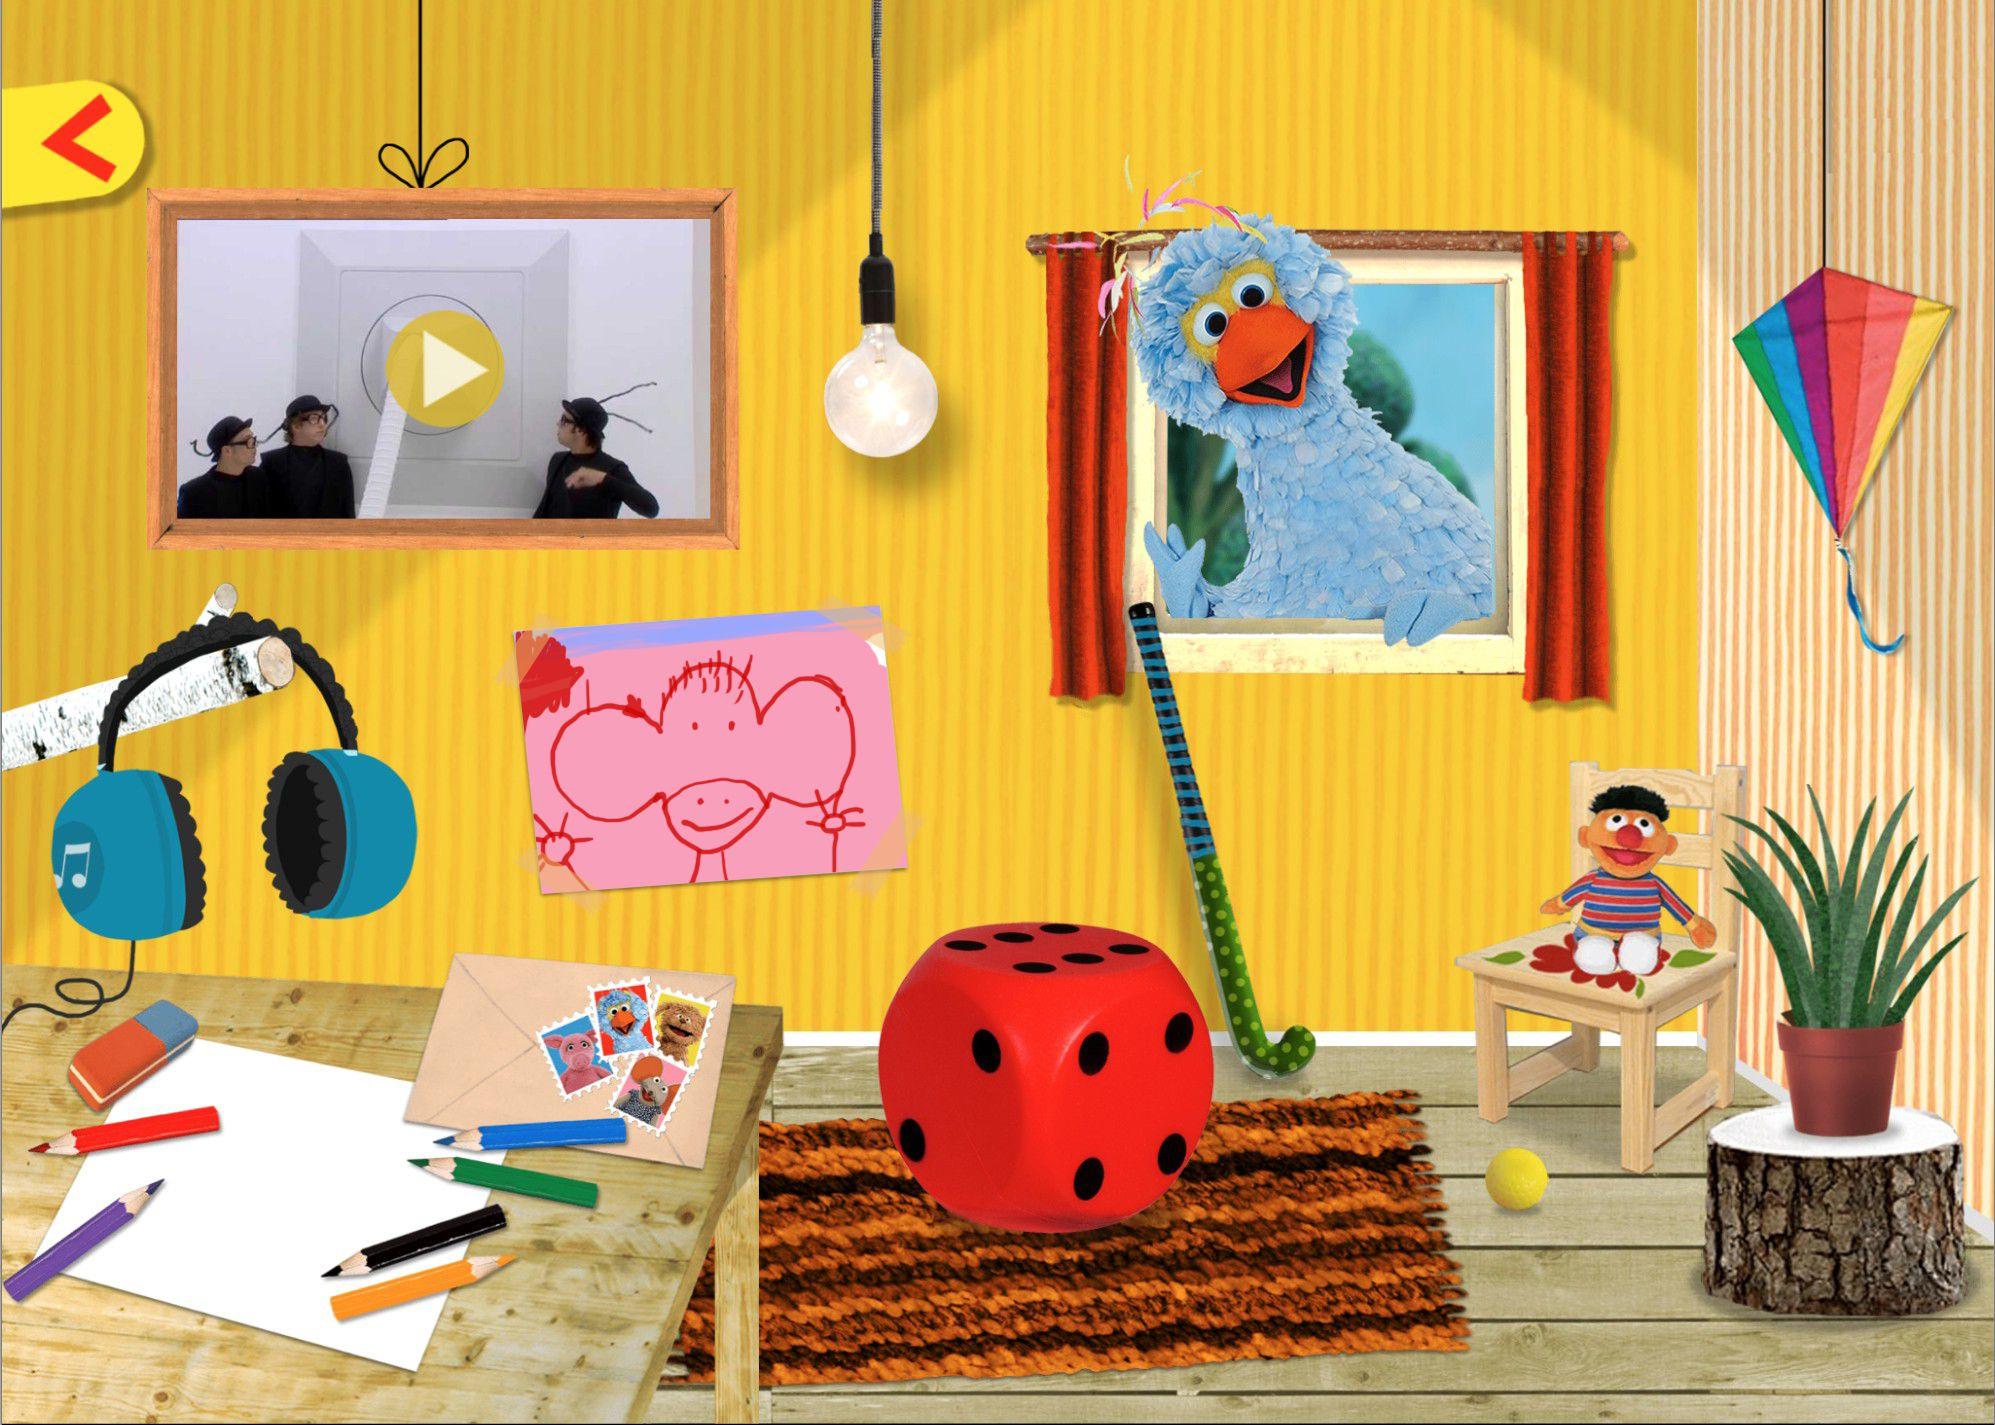 Jouw eigen kamer in sesamstraat - In een kamer ...